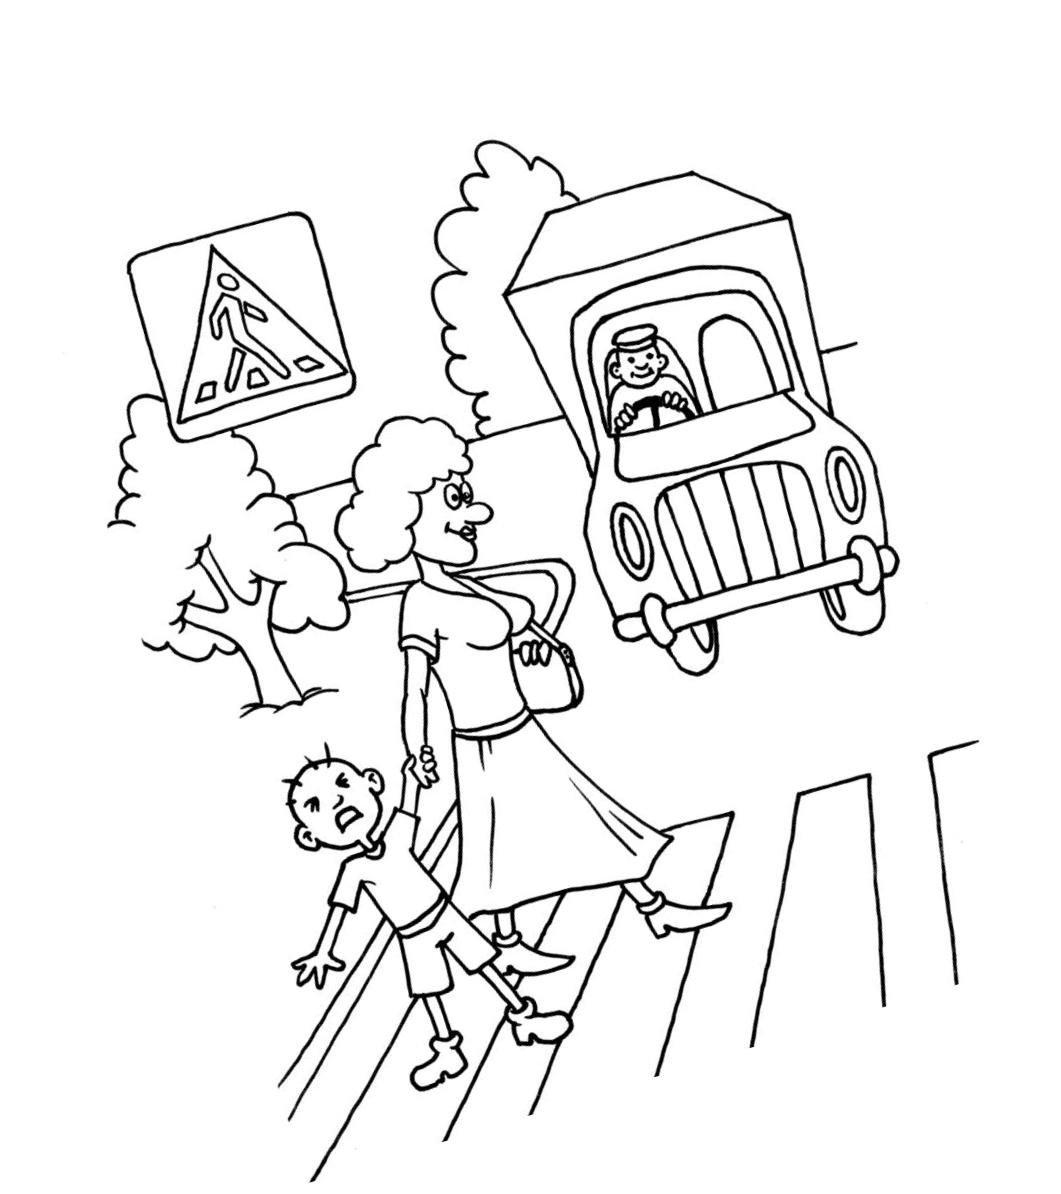 контуры картинок по правилам дорожного движения иркутские власти